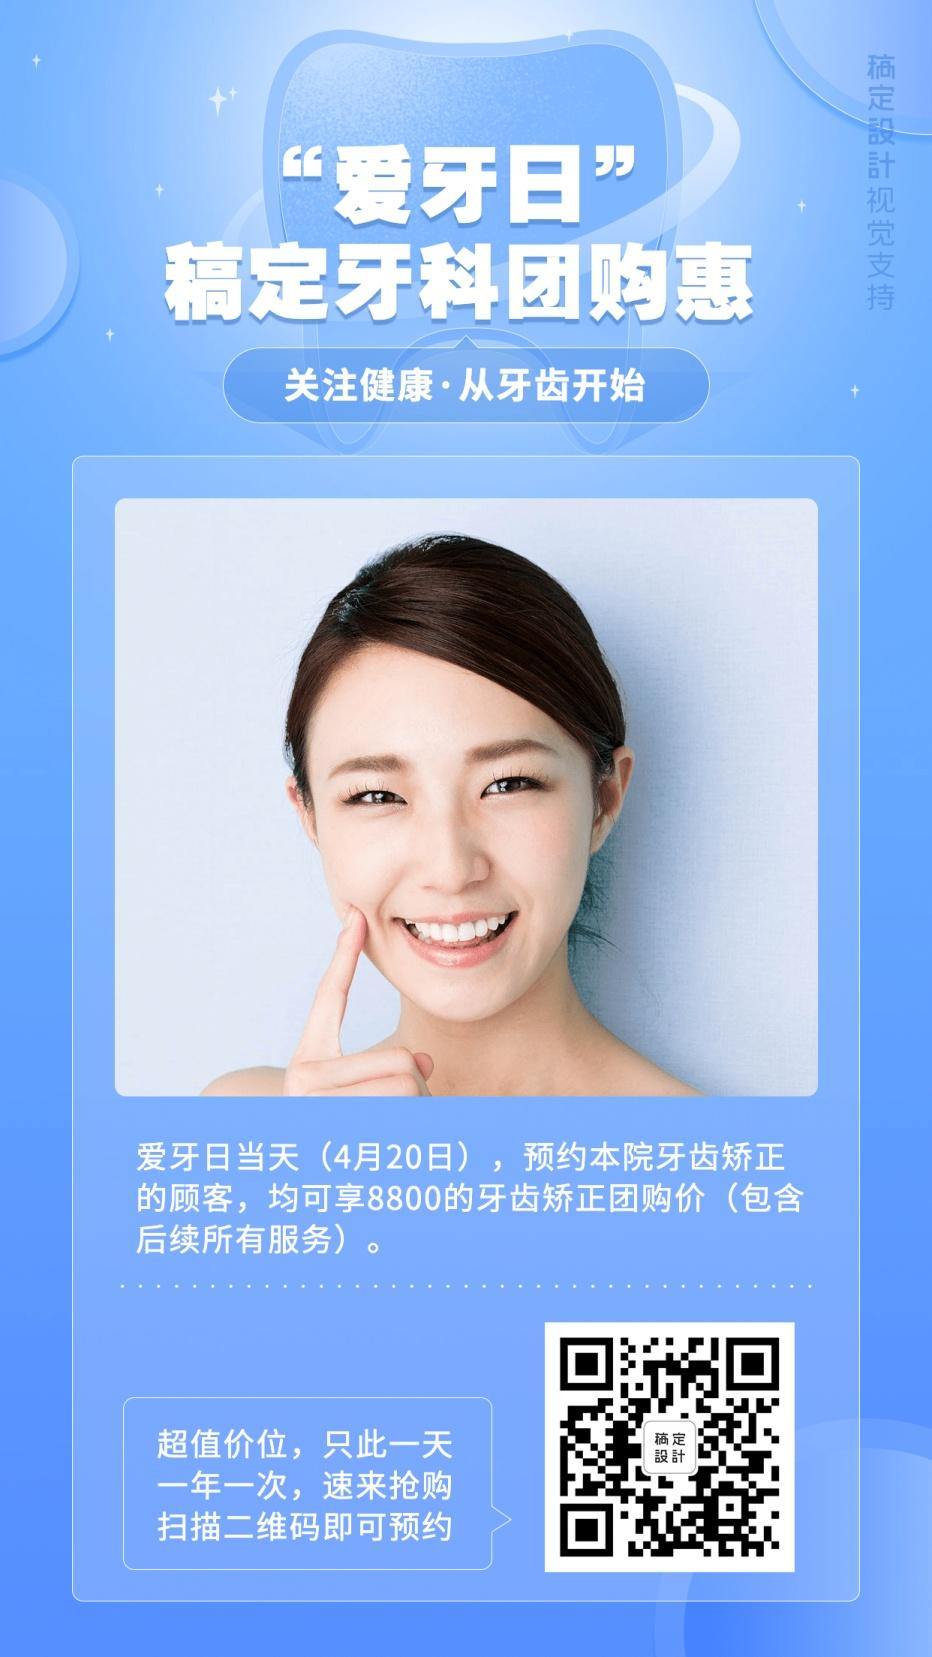 爱牙日-牙科诊所团购营销海报